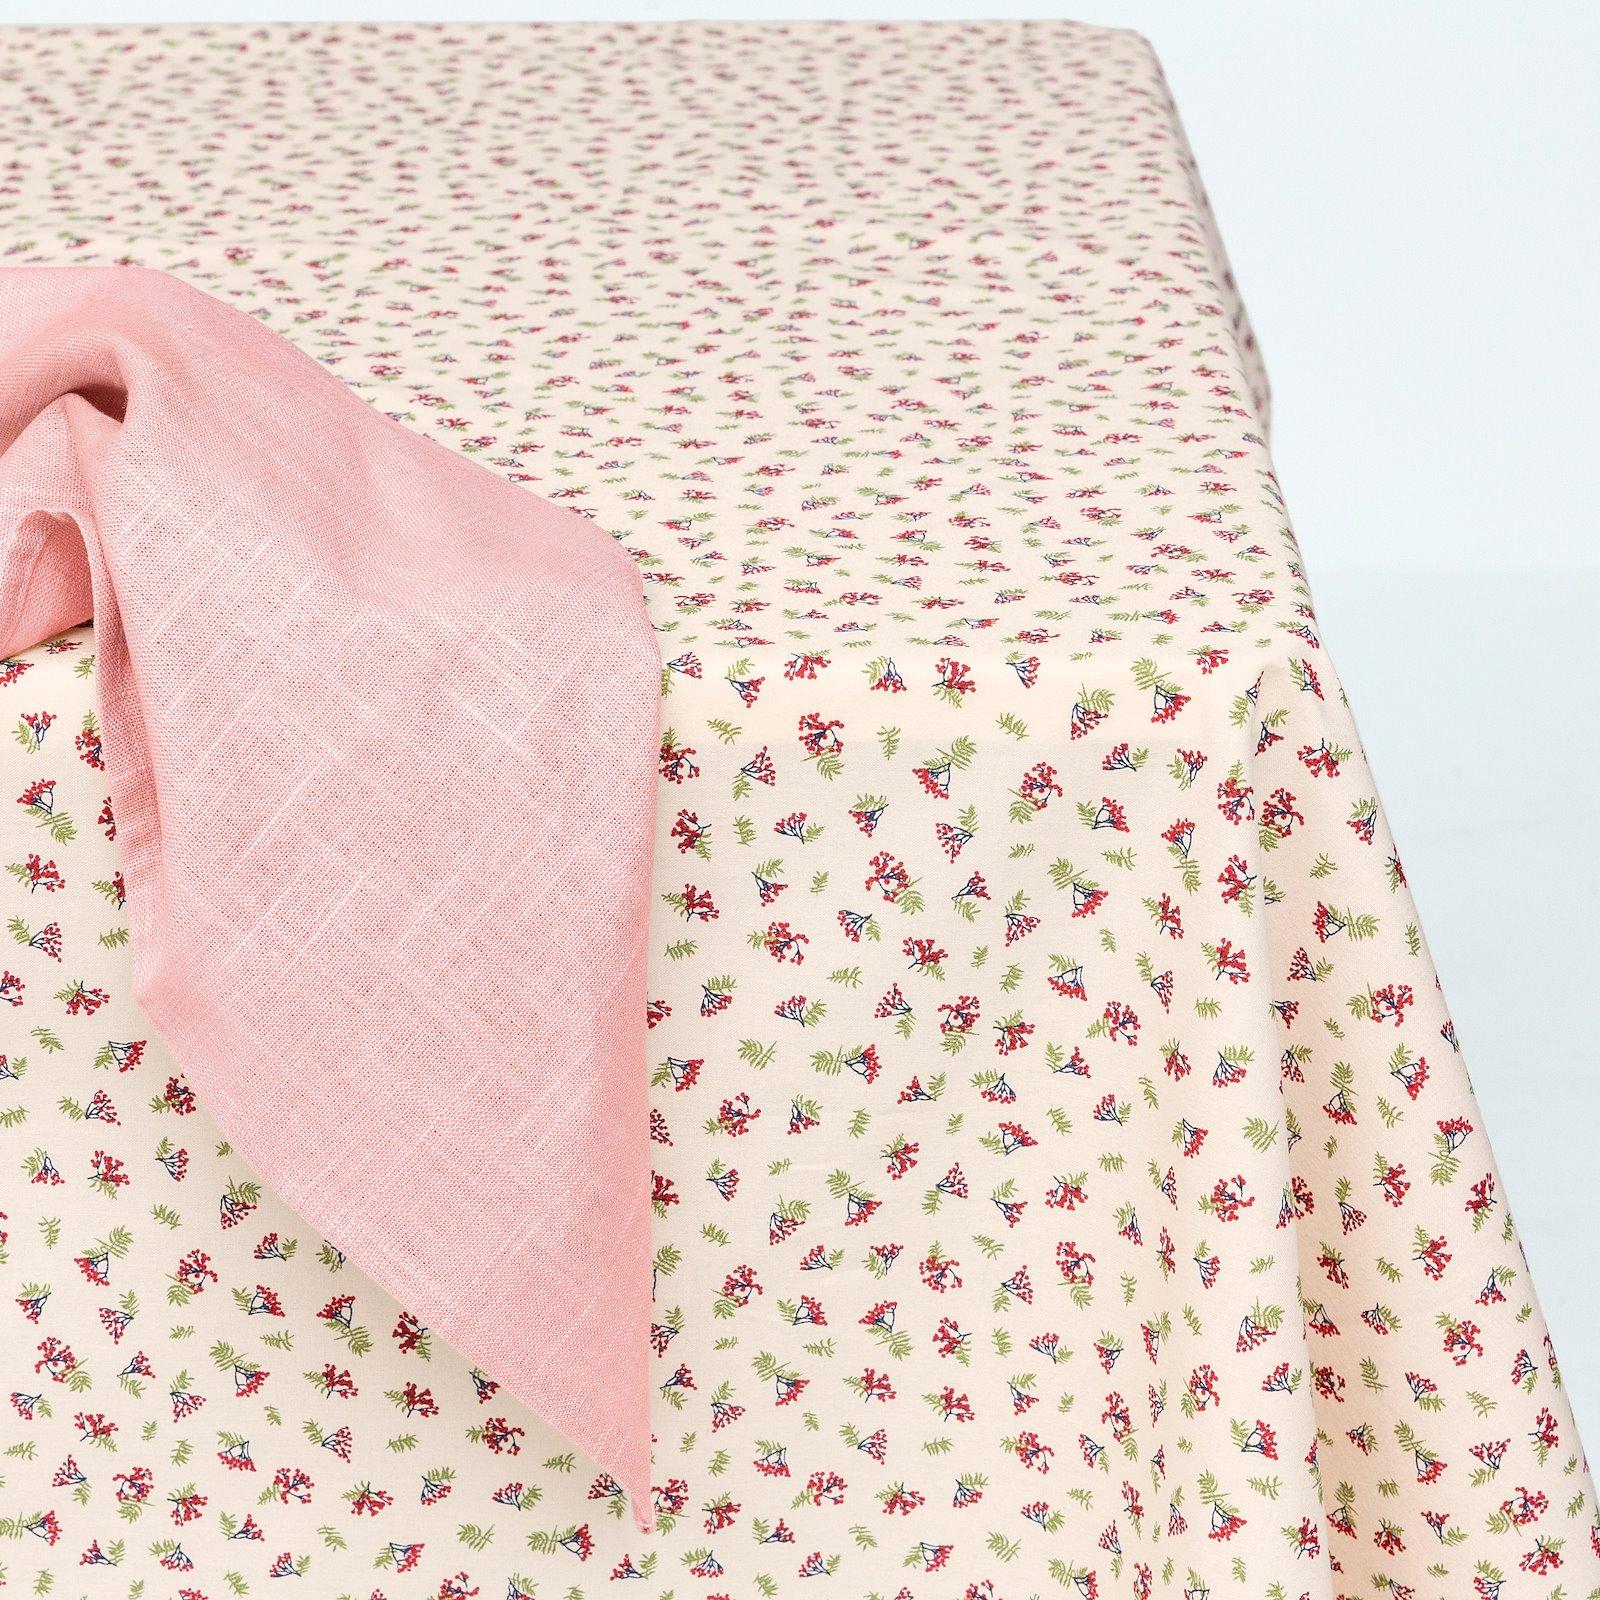 Textilwachstuch, offwhite mit roten Beer 866133_DIY8003_410140_bundle